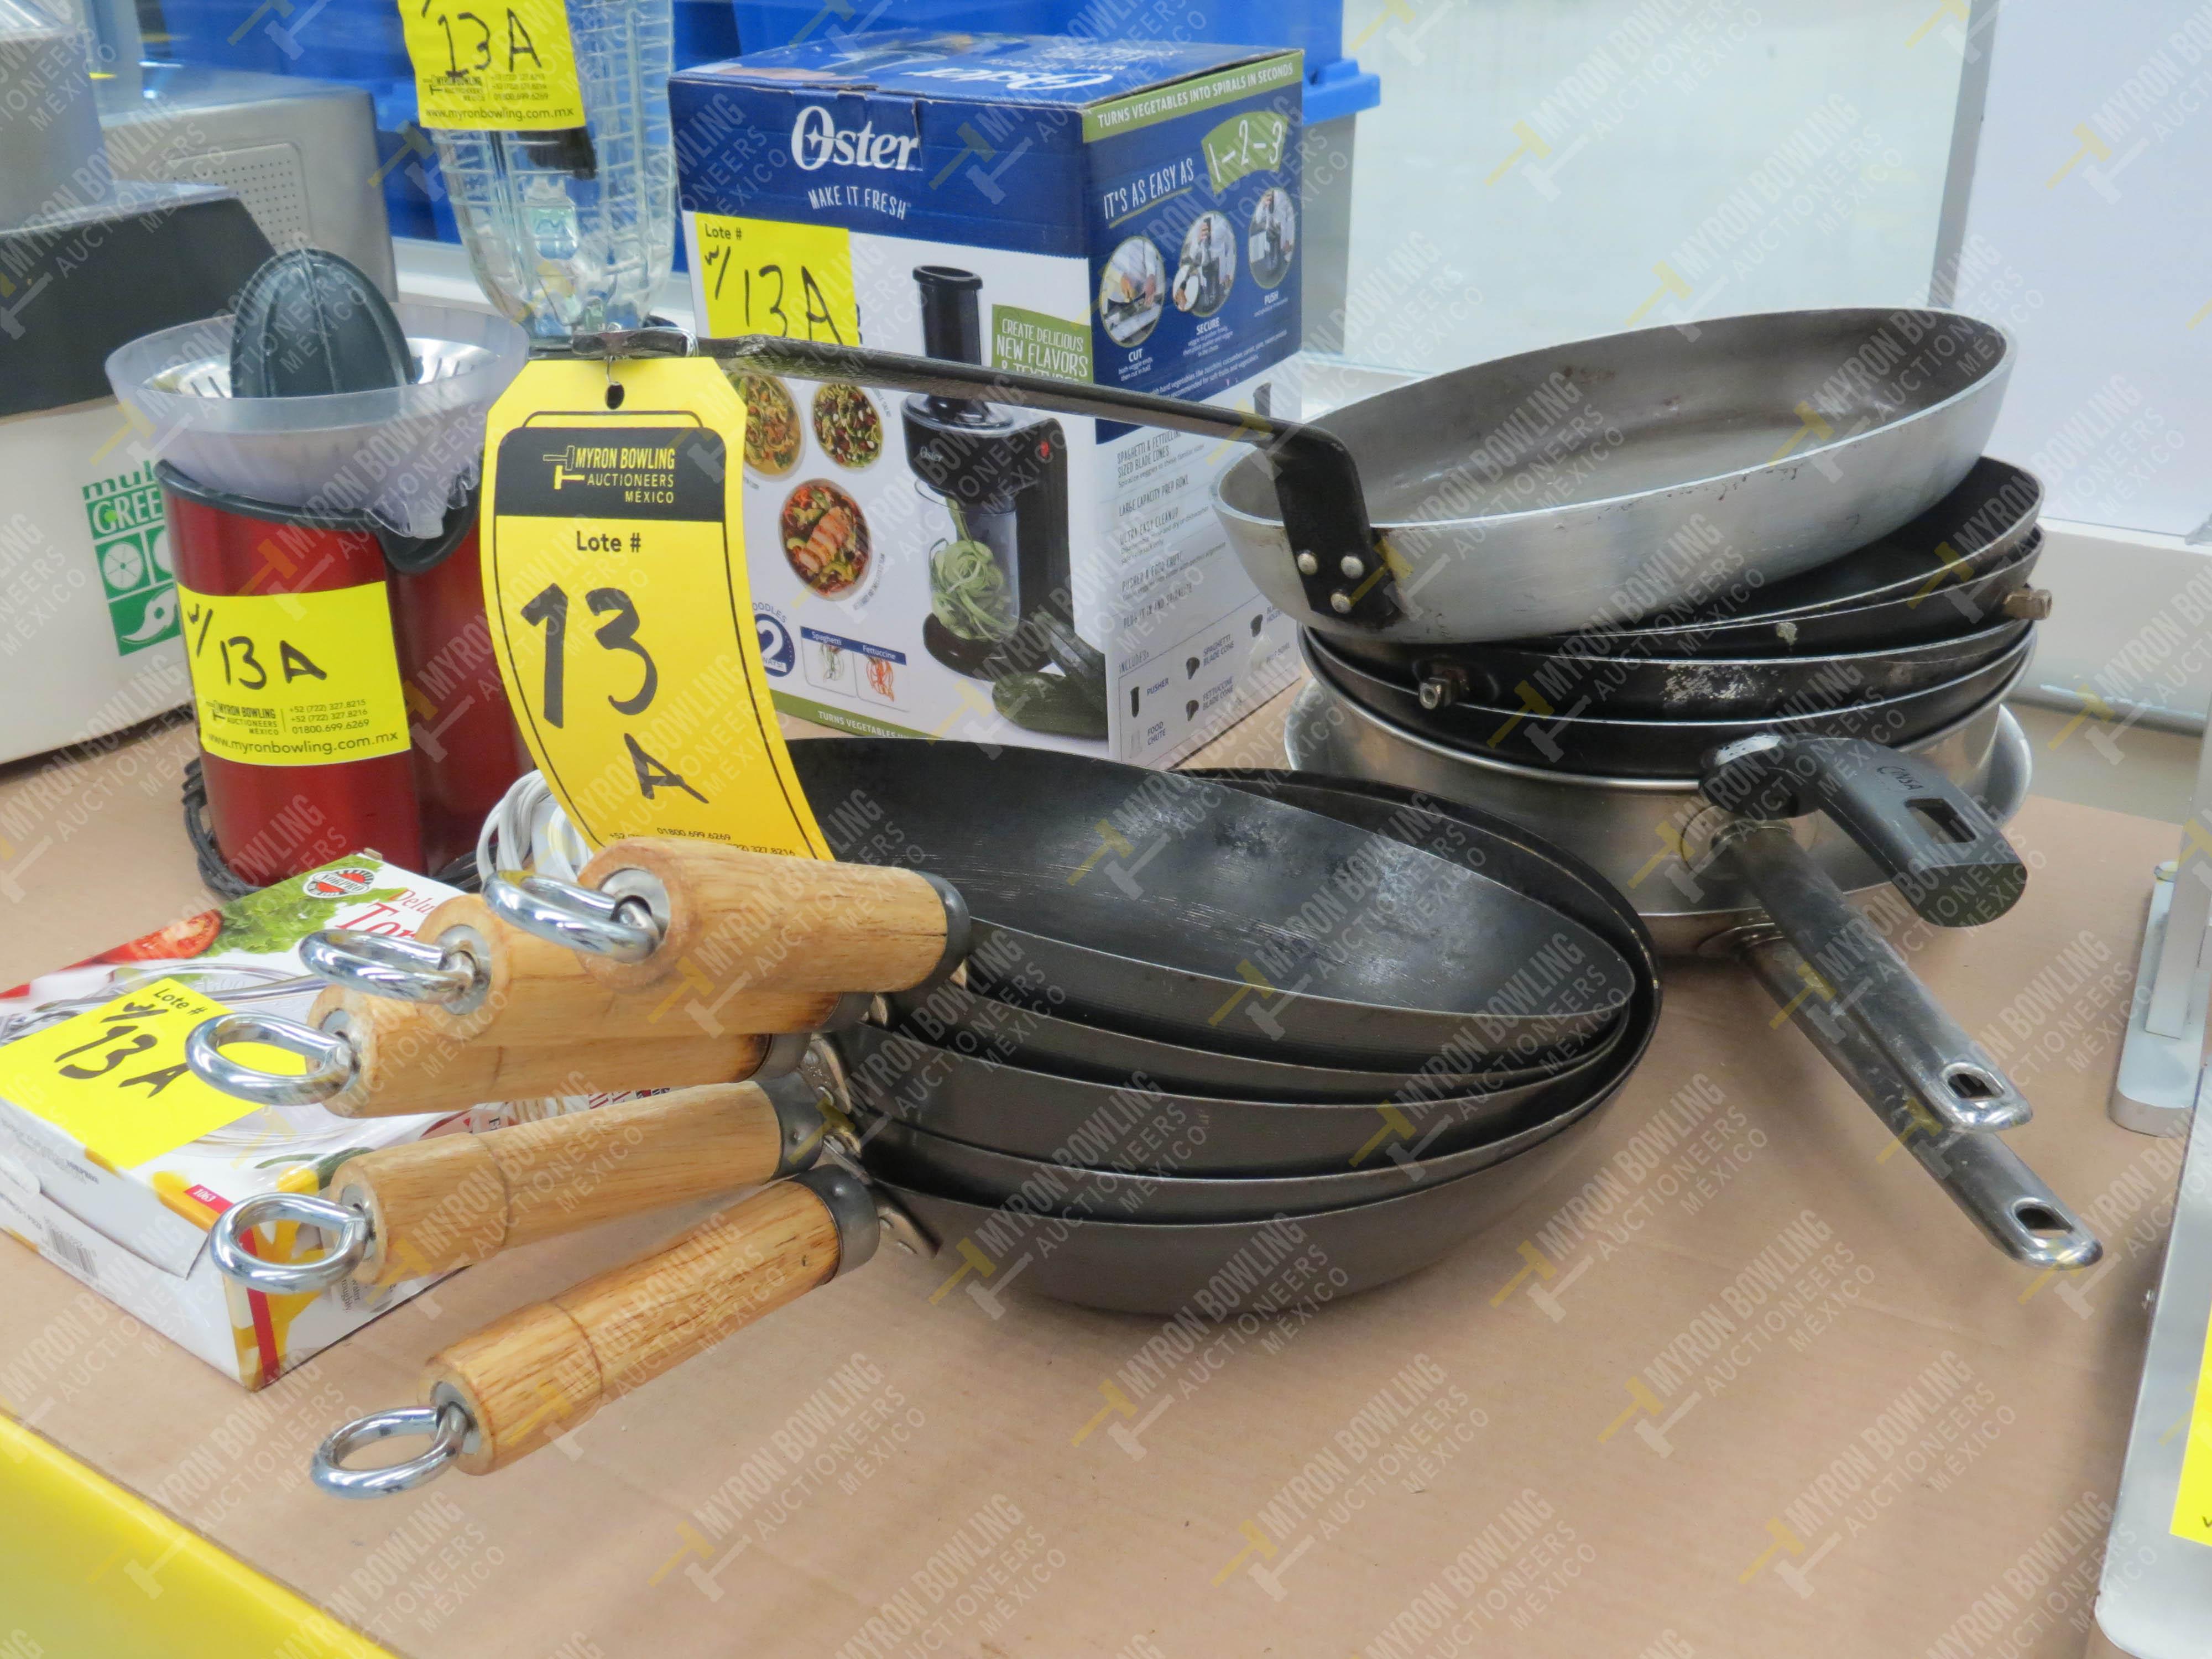 Artículos de cocina varios: extractor de jugos, 12 sartenes de diferentes capacidades - Image 3 of 8